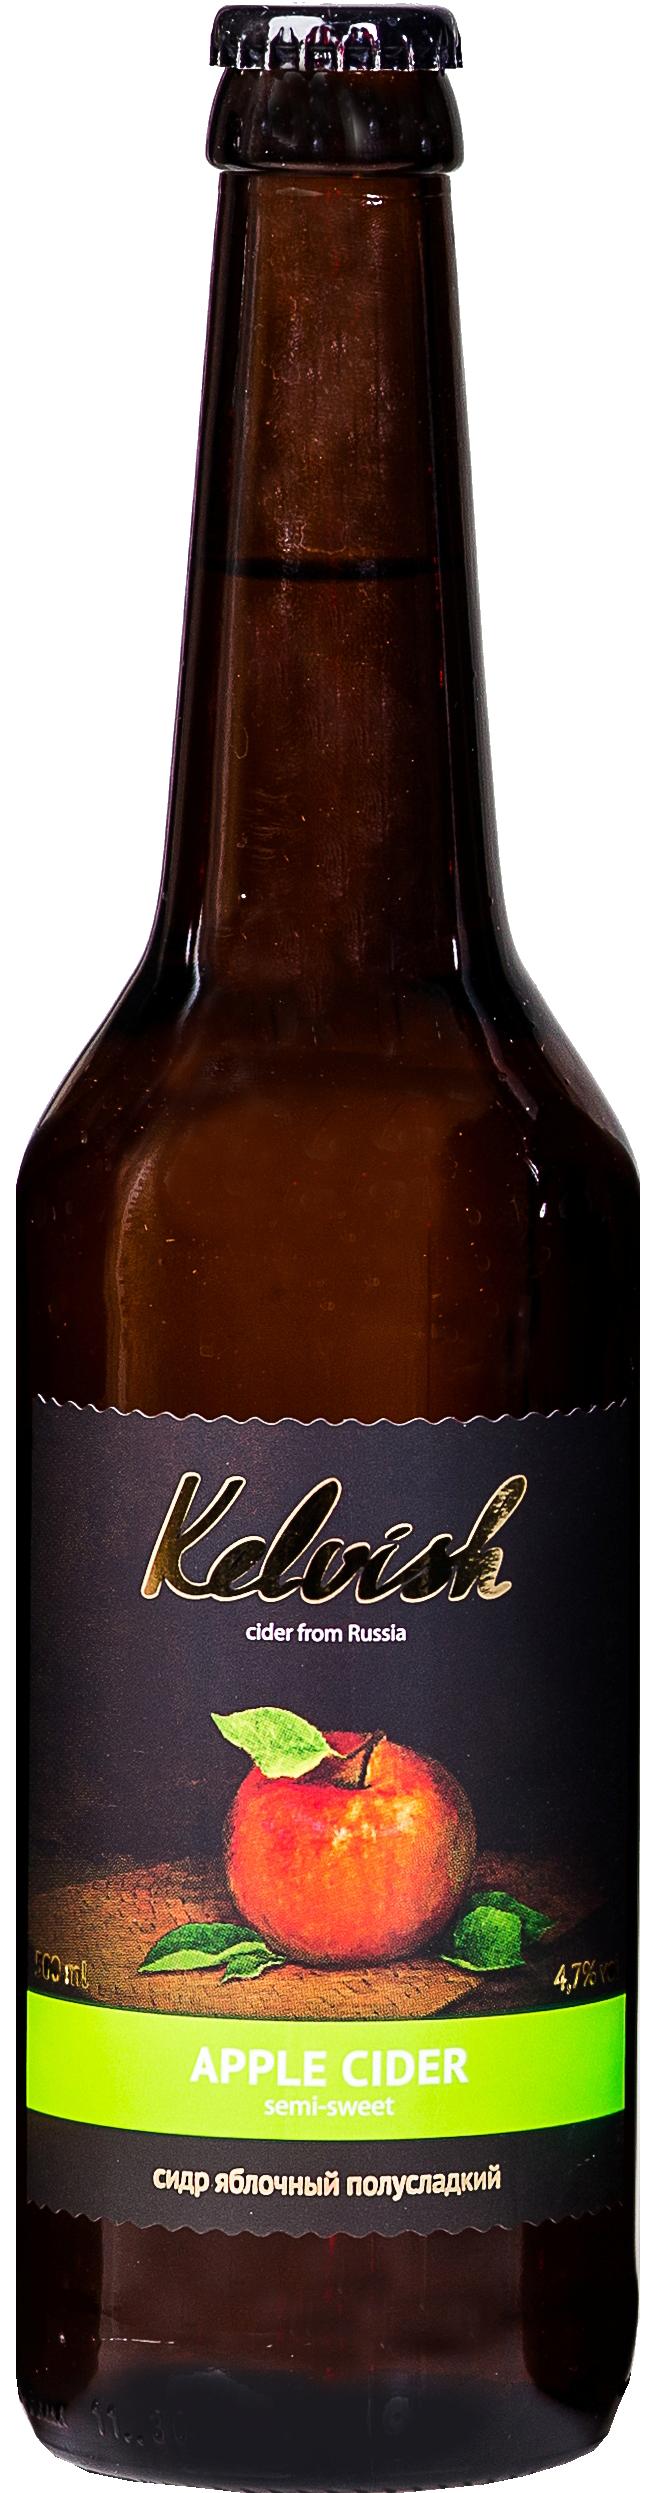 Производитель и история сидра келвиш (kelvish), вкусы, сколько стоит, отзывы